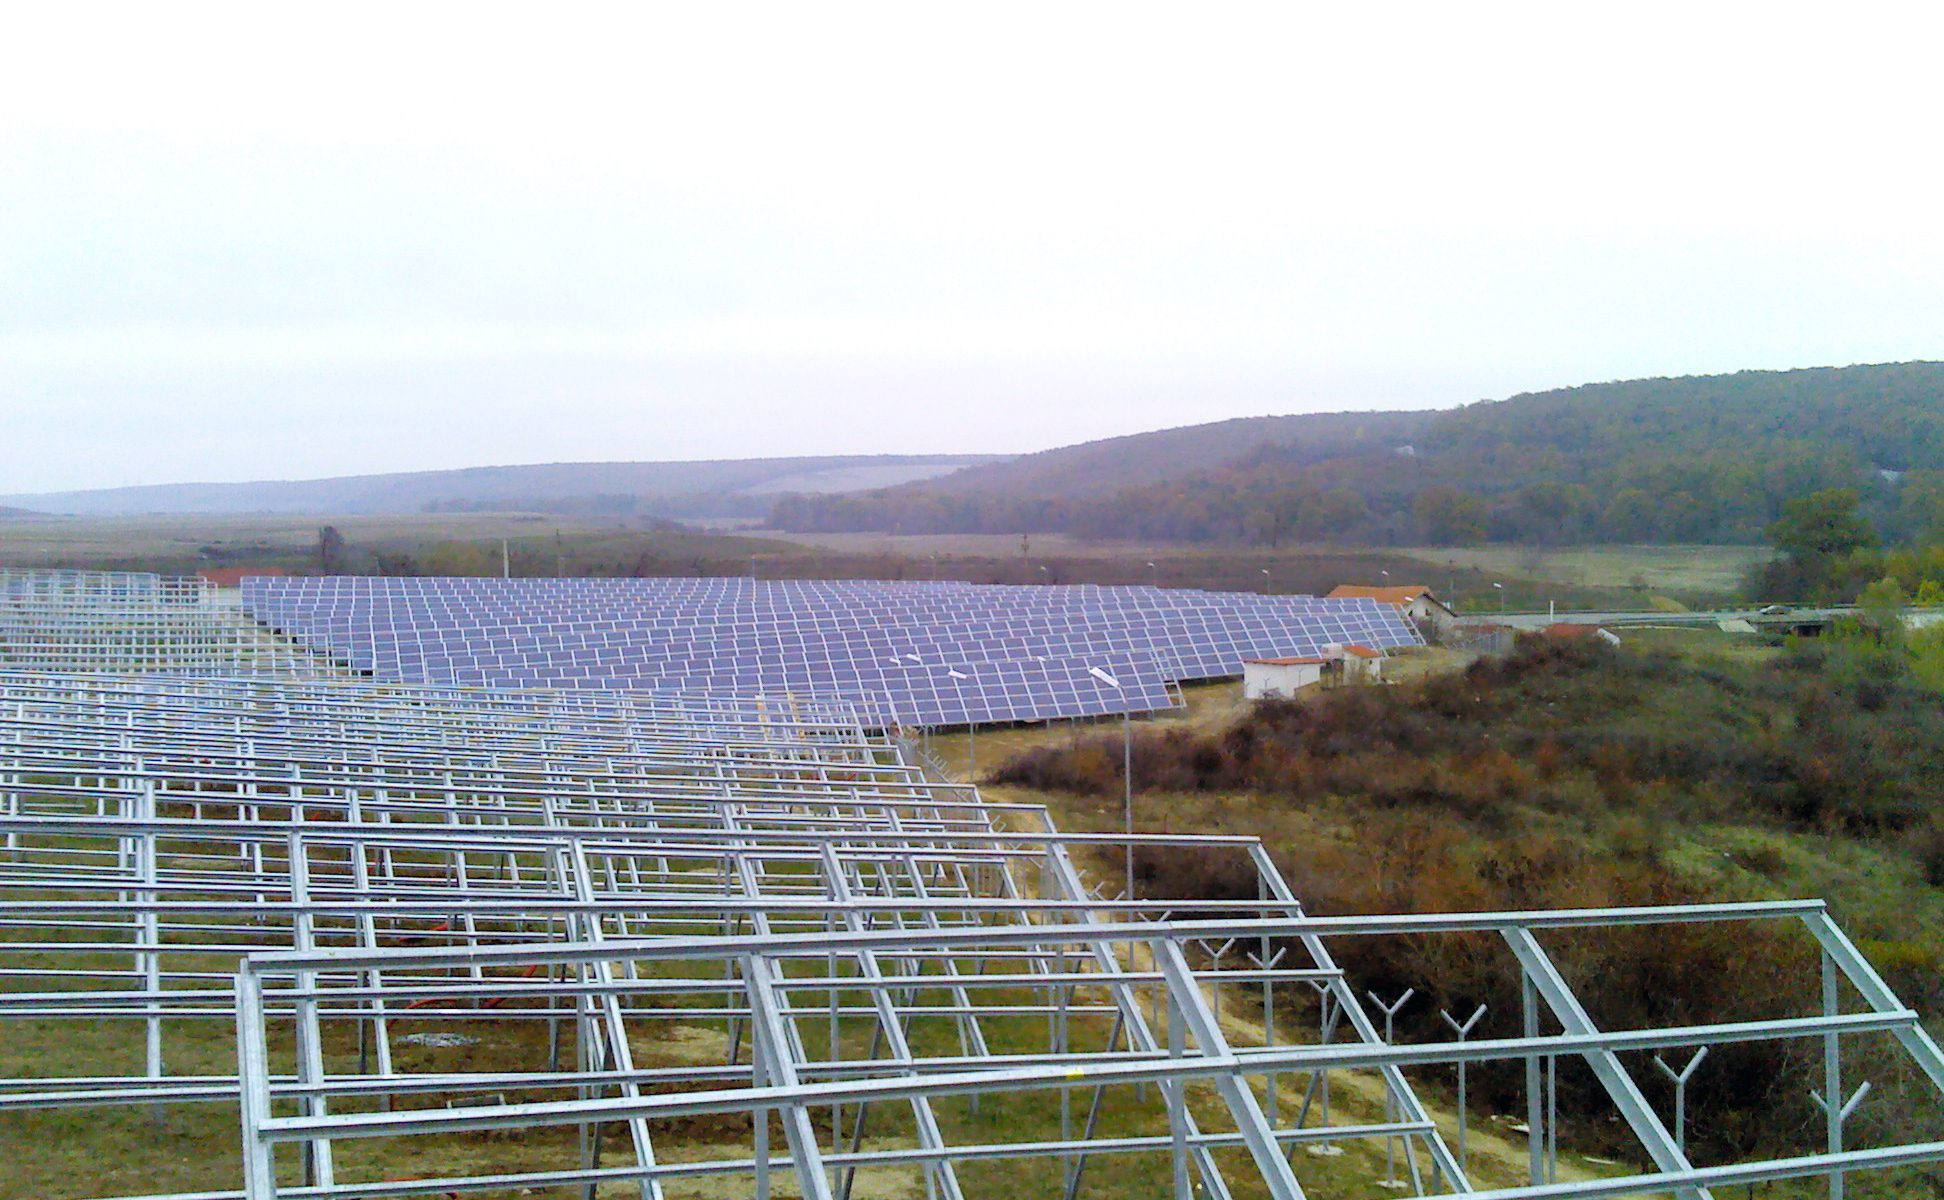 Energías renovables: Conergy crece en Rumania con un segundo sistema de energía solar fotovoltaica